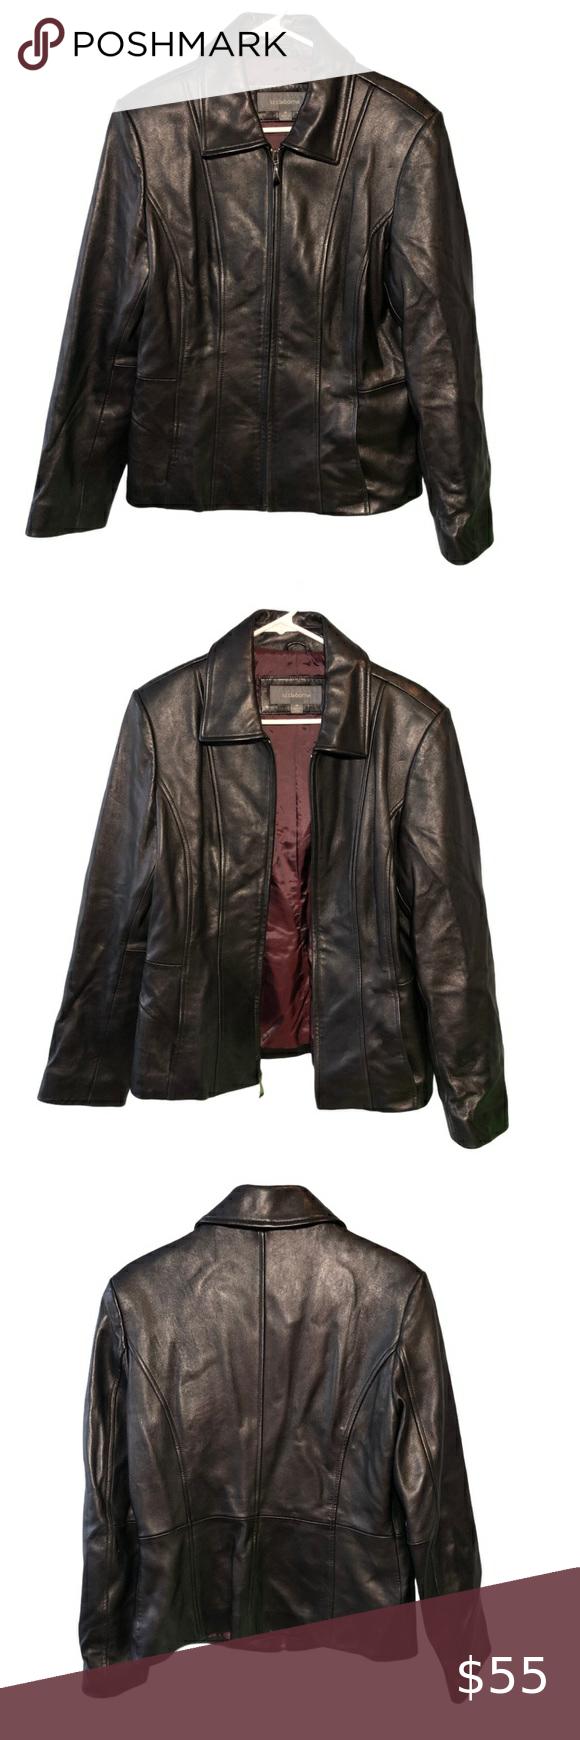 Liz Claiborne Black Leather Jacket Size Medium In 2021 Vintage Suede Jacket Black Leather Jacket Vintage Leather Jacket